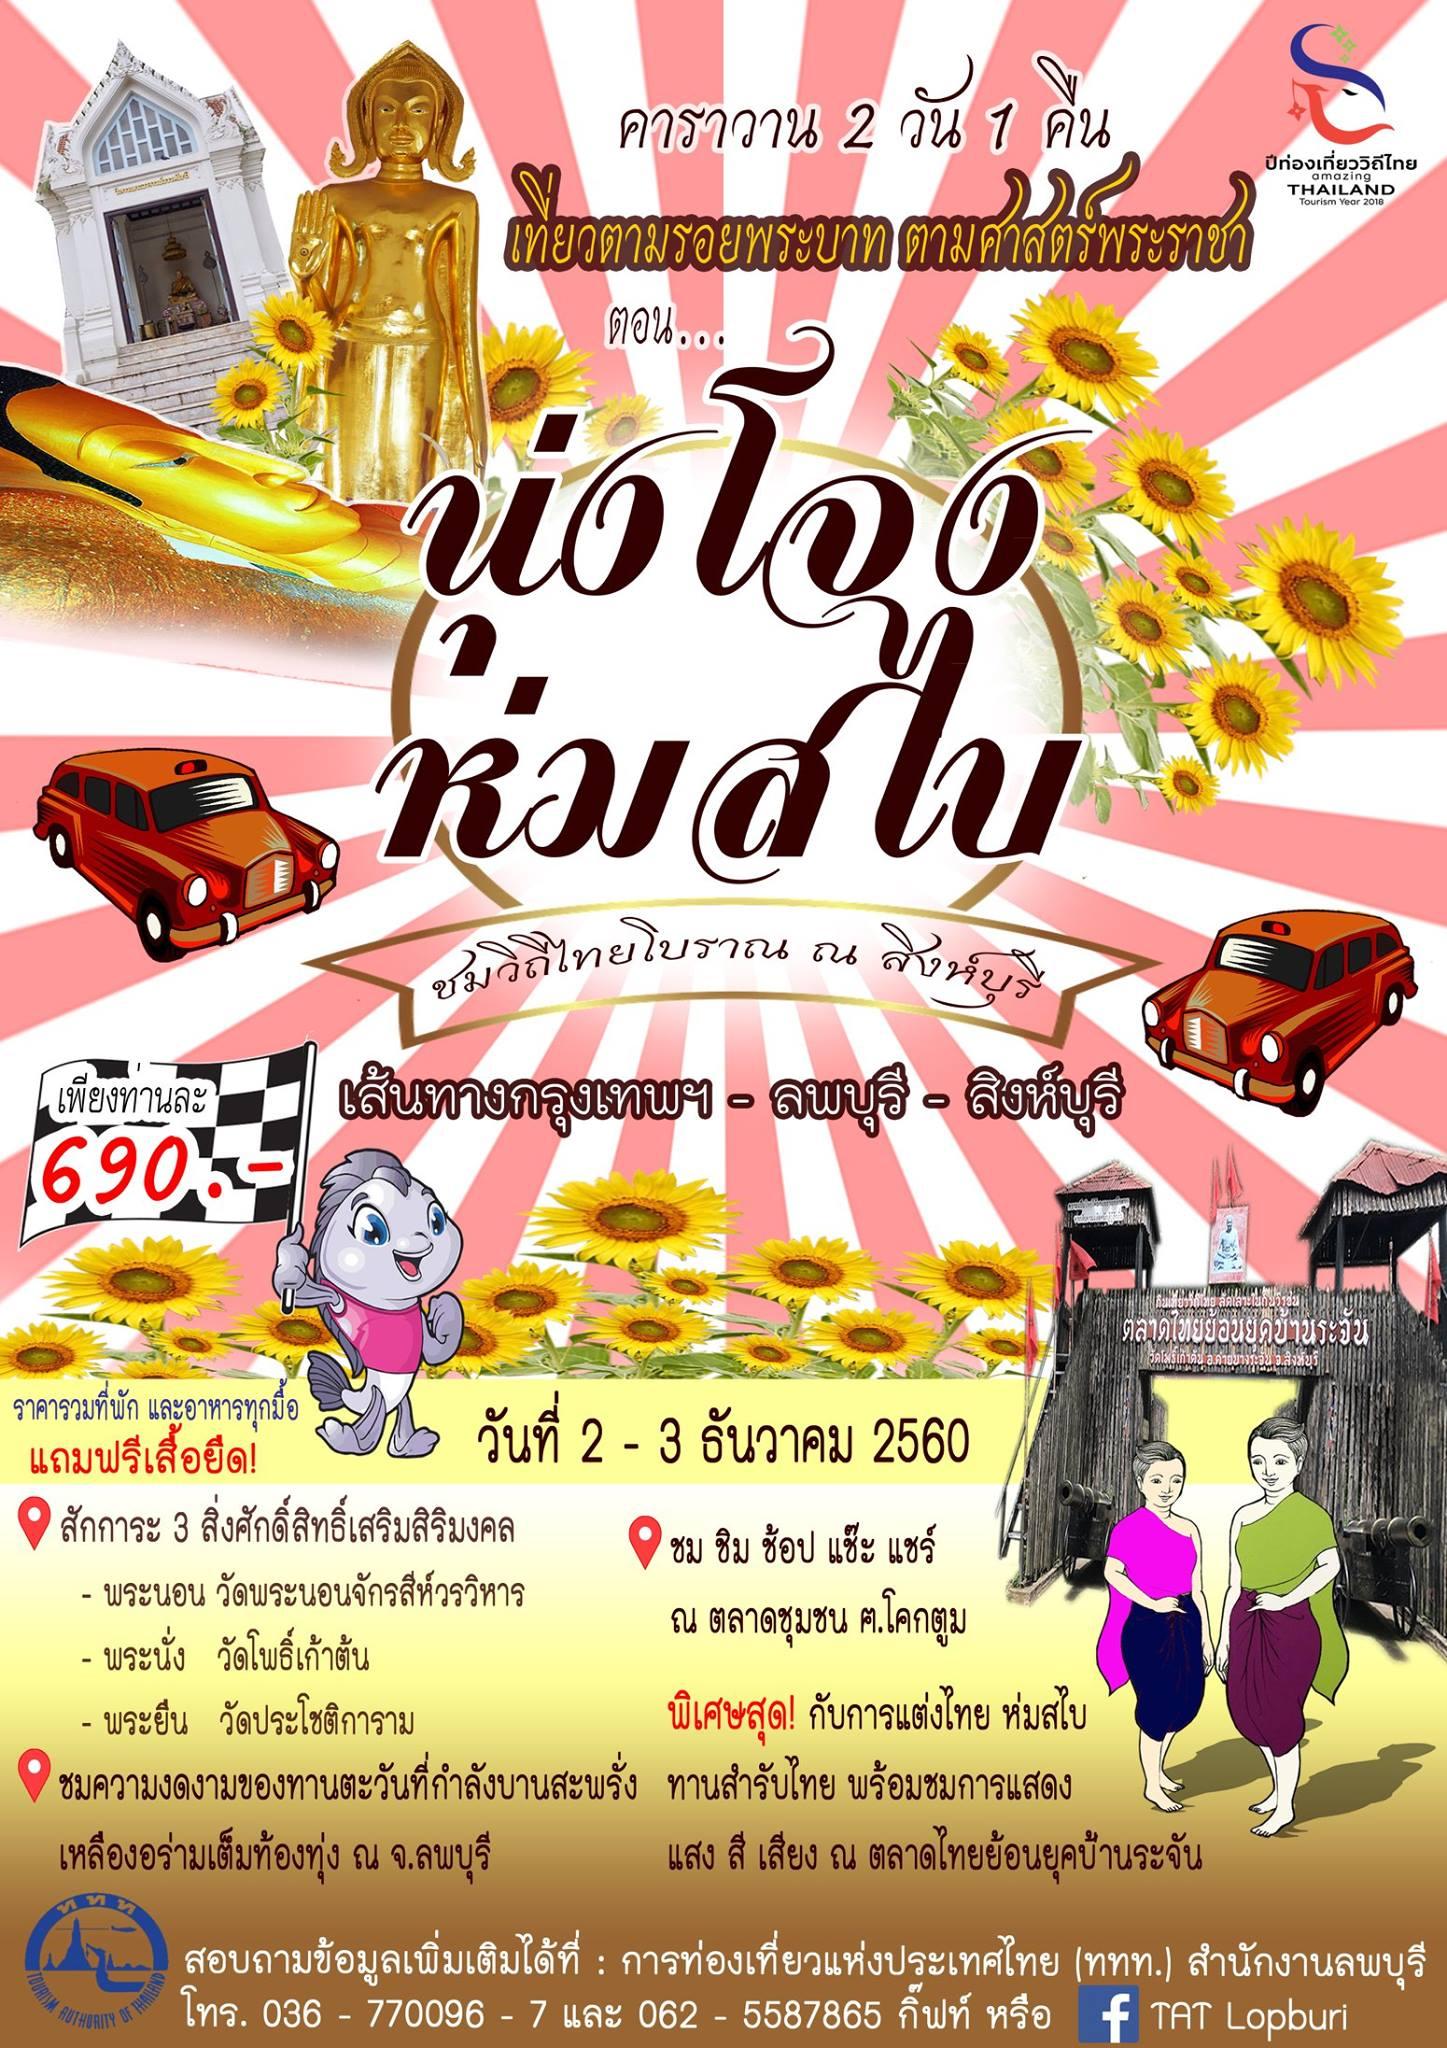 """คาราวาน 2 วัน 1 คืน """"เที่ยวตามรอยพระบาท ตามศาสตร์พระราชา"""" ตอน นุ่งโจง ห่มสไบ ชมวิถีไทยโบราณ ณ สิงห์บุรี เส้นทางกรุงเทพฯ-ลพบุรี-สิงห์บุรี วันที่ 2-3 ธันวาคม 2560"""